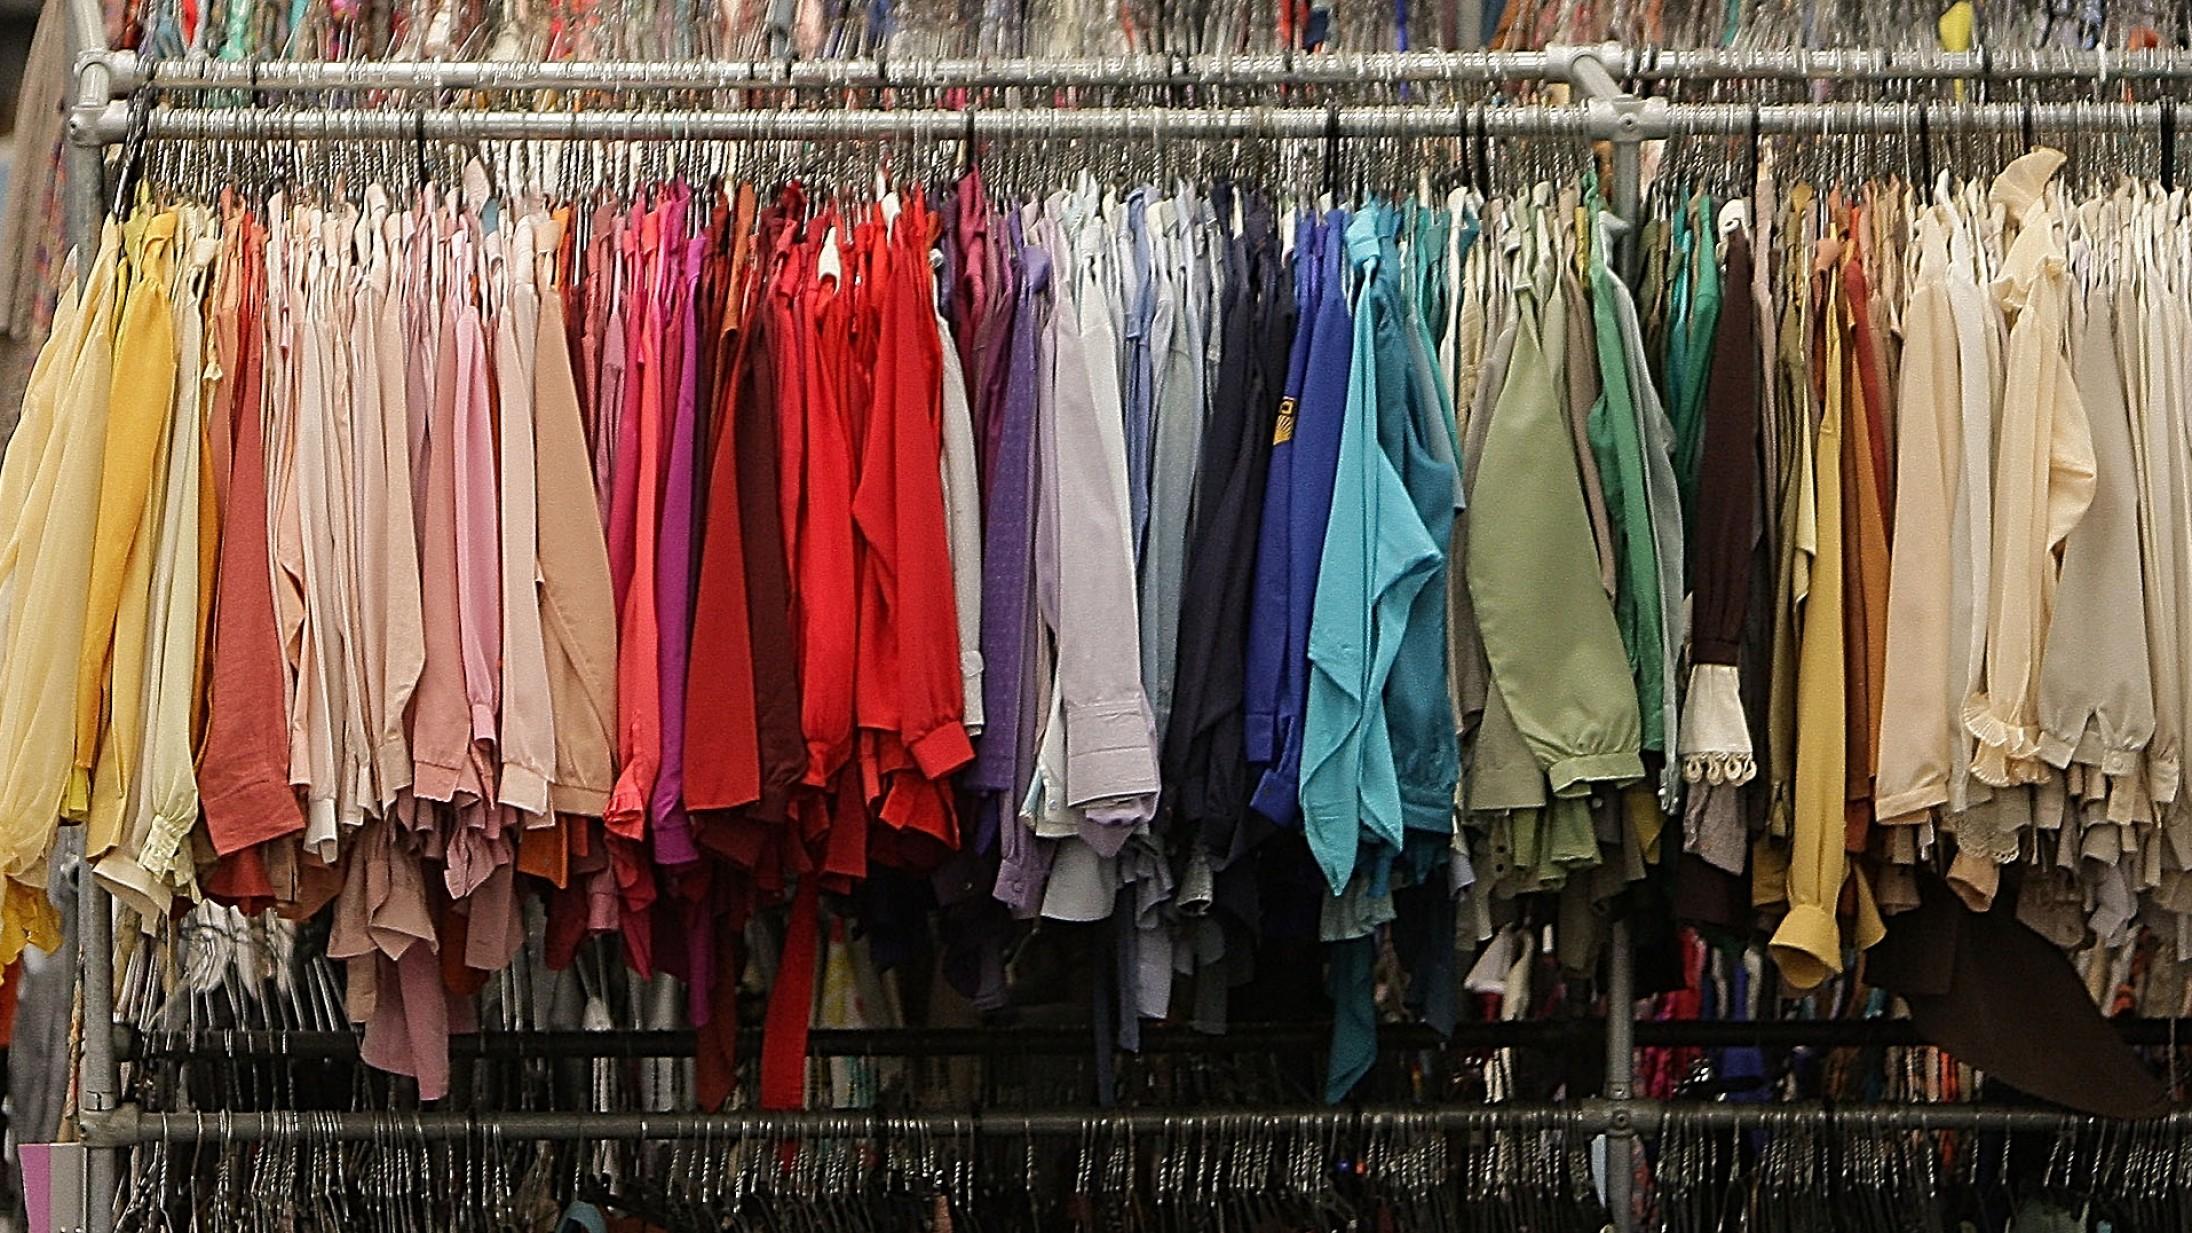 Bæredygtige produktioner er ikke nok for tøjmærkerne. »Der skal en kulturændring til«, siger forsker